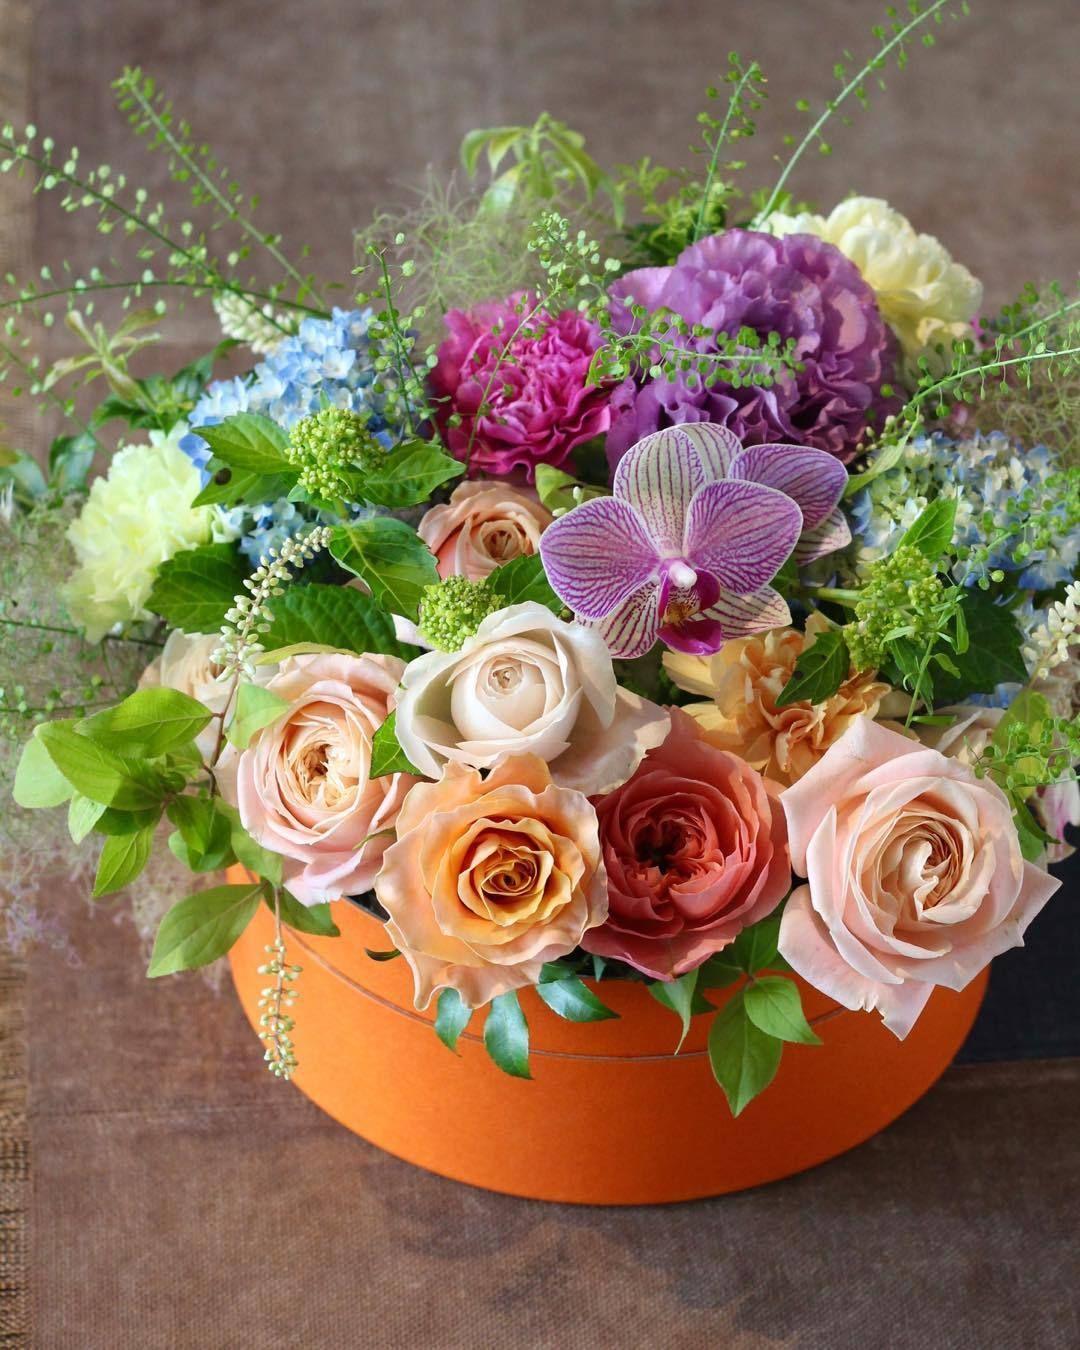 Красивые картинки цветочных композиций